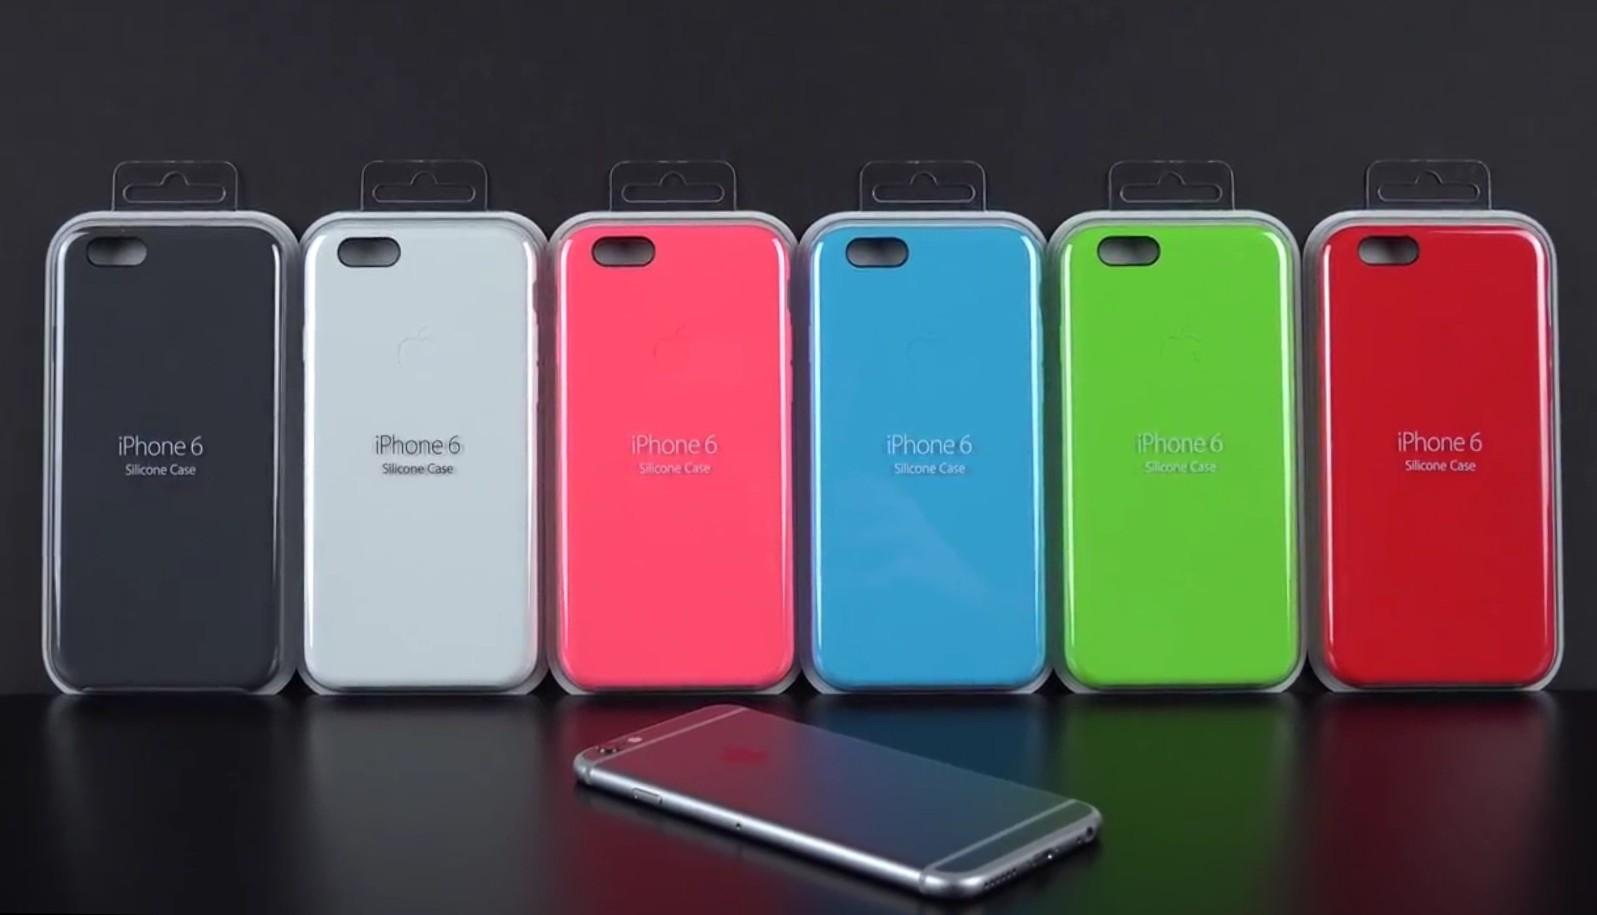 iPhone 6 Plus: Apples Silikon- und Lederschutzhüllen schützten das Gerät perfekt